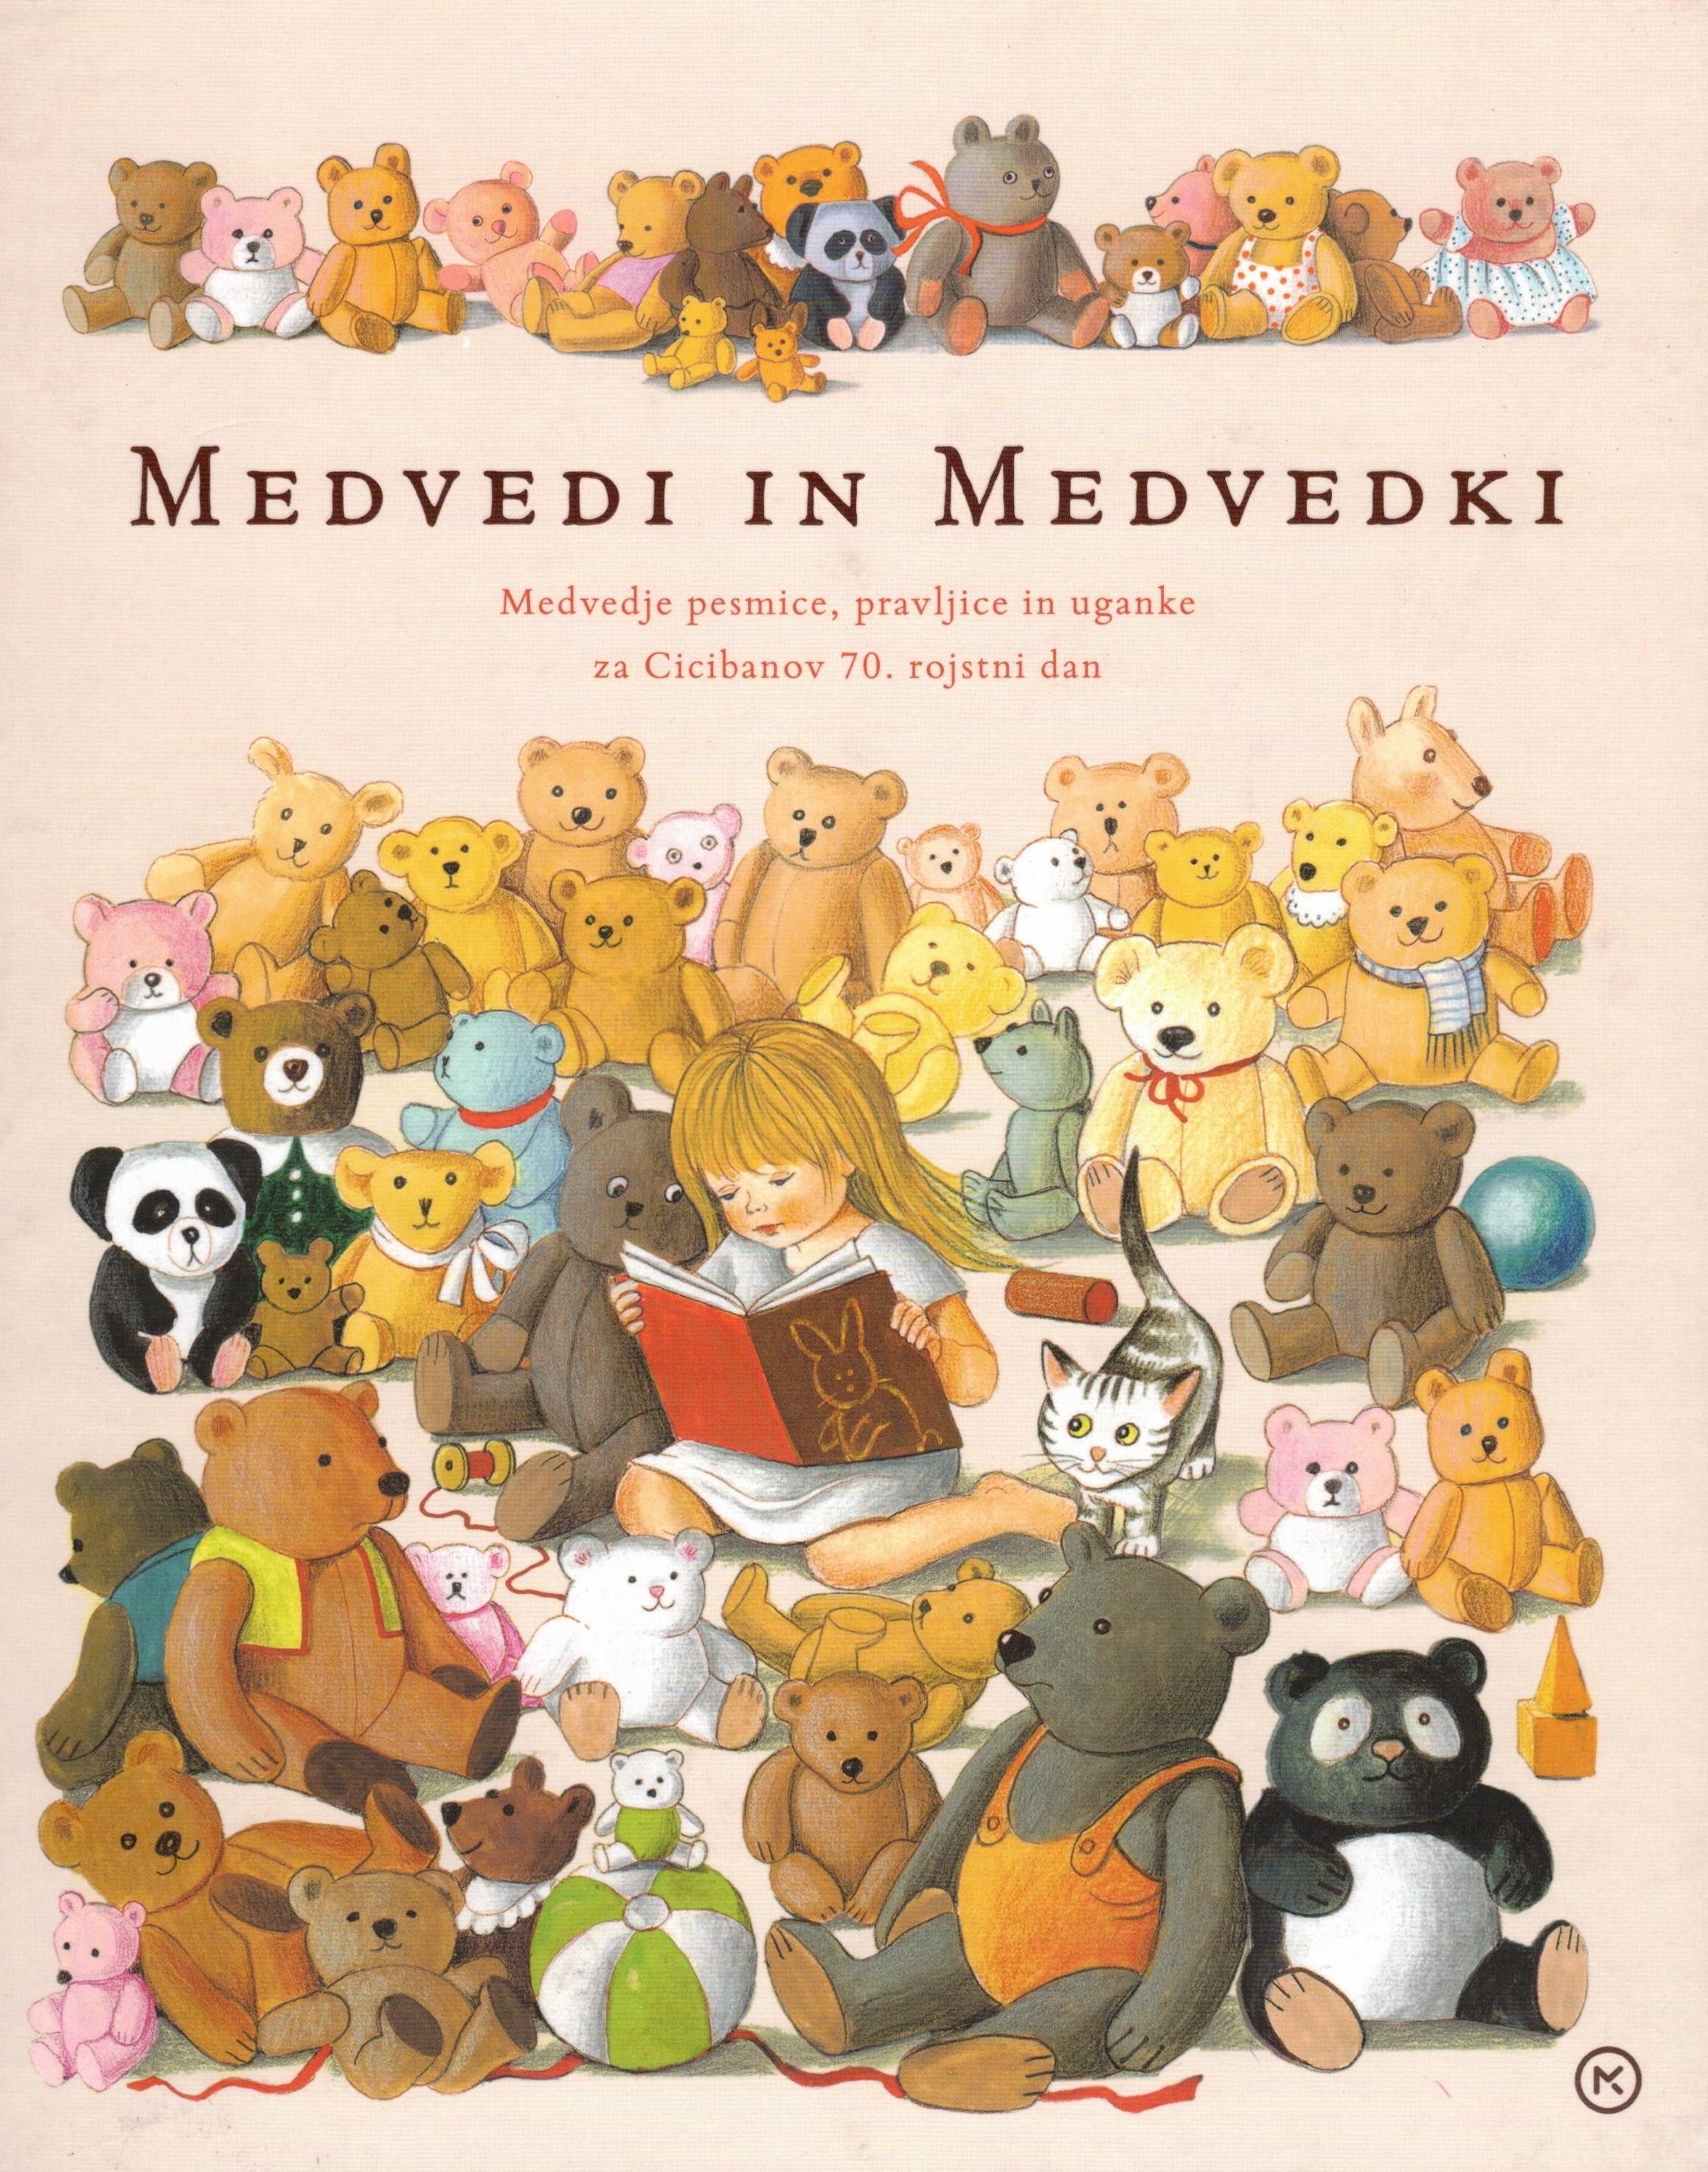 Najlepše otroške knjige najdete samo v knjigarni Haček